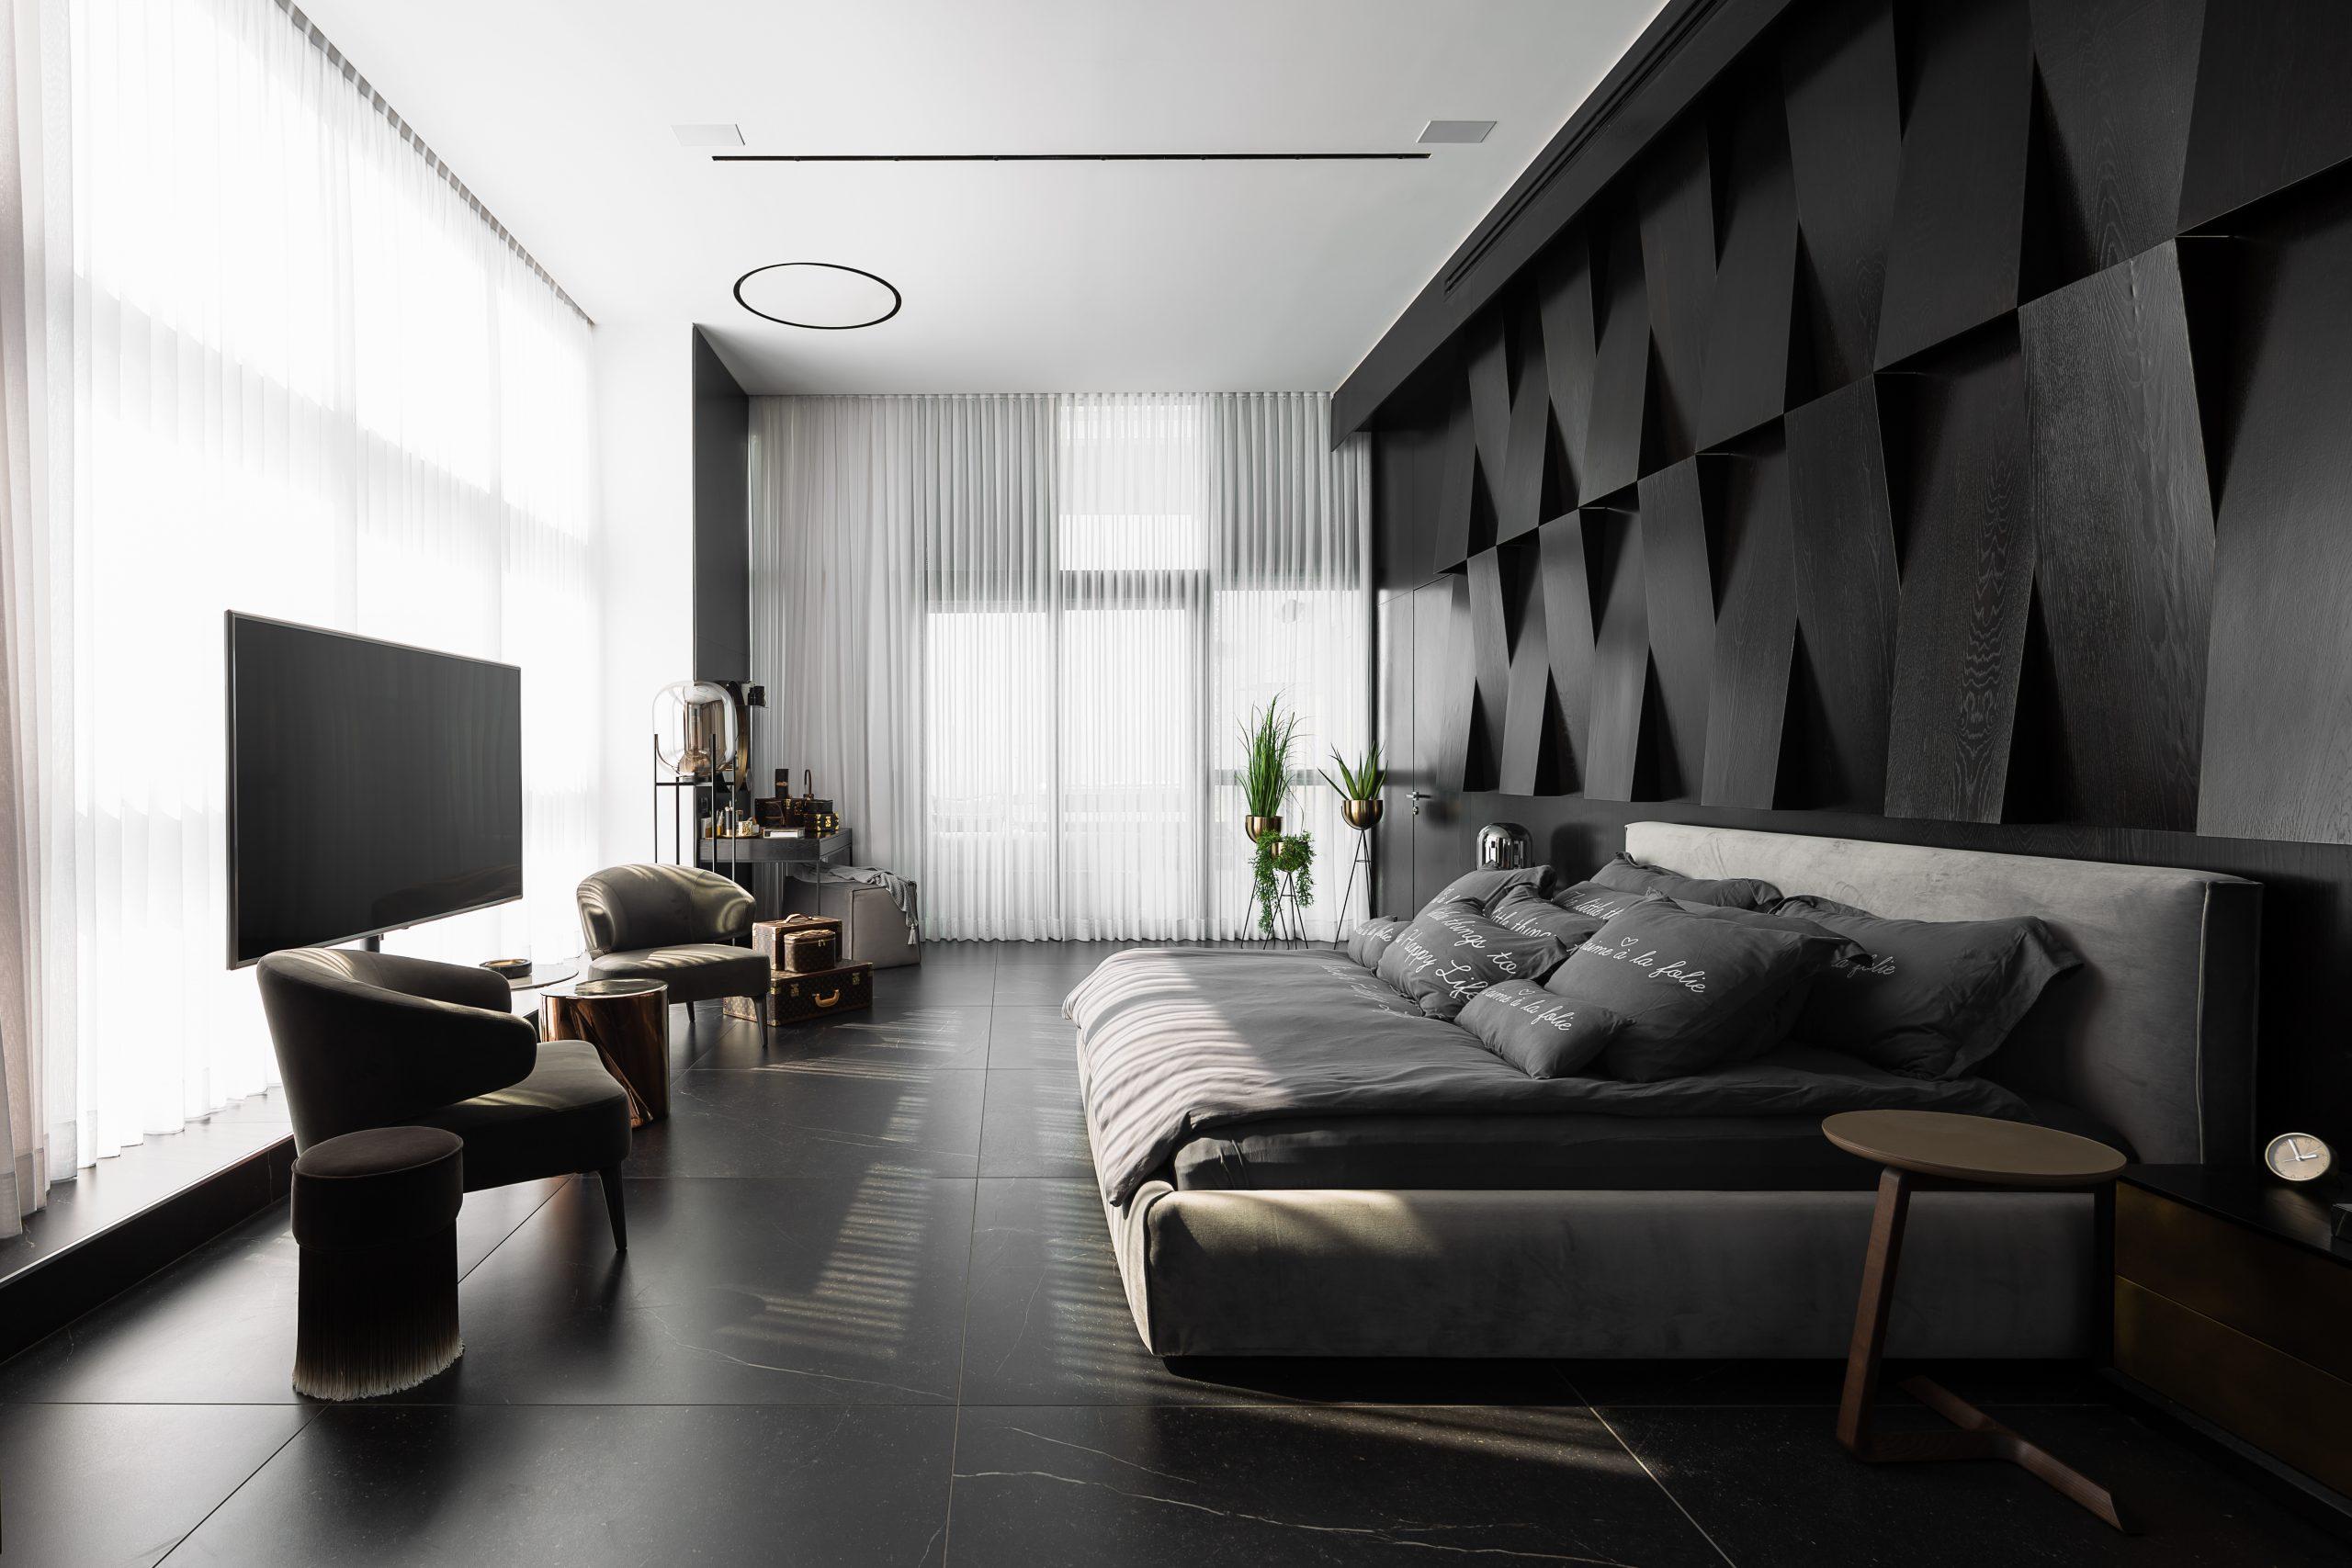 עיצוב מודרני לחדר שינה